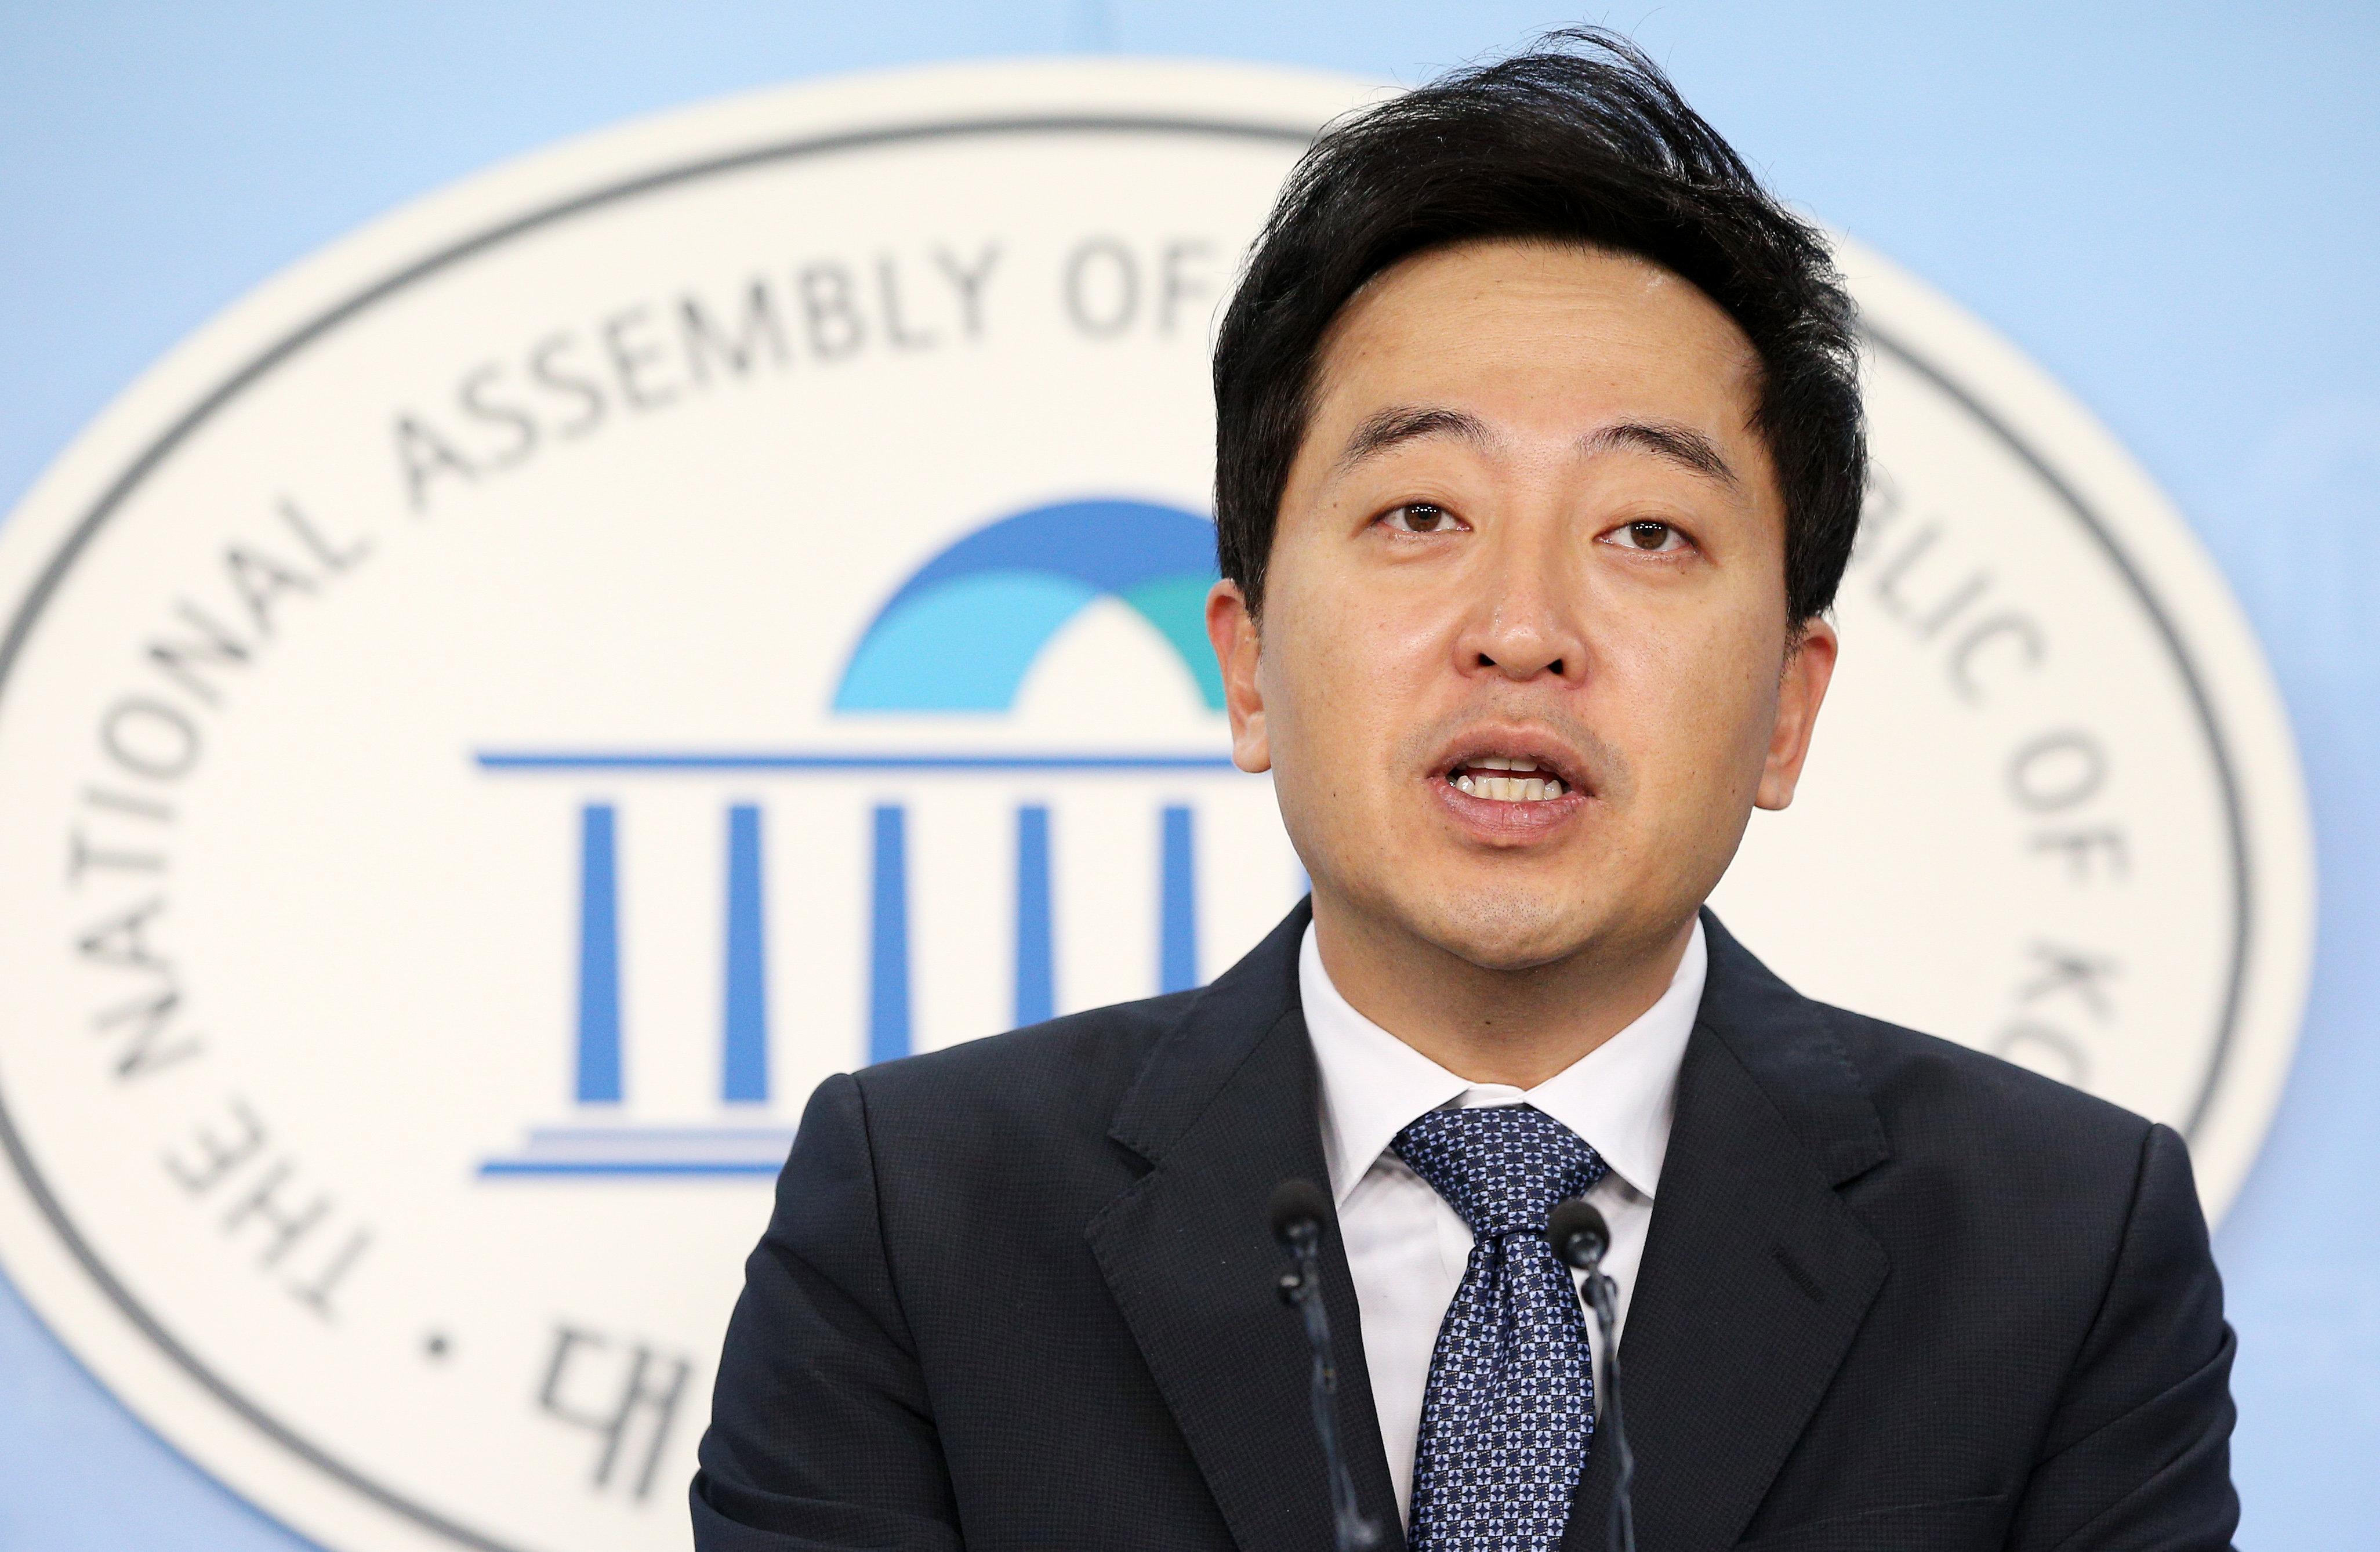 """금태섭 의원이 """"침을 뱉고 싶다""""며 법원에 던진 묵직한"""